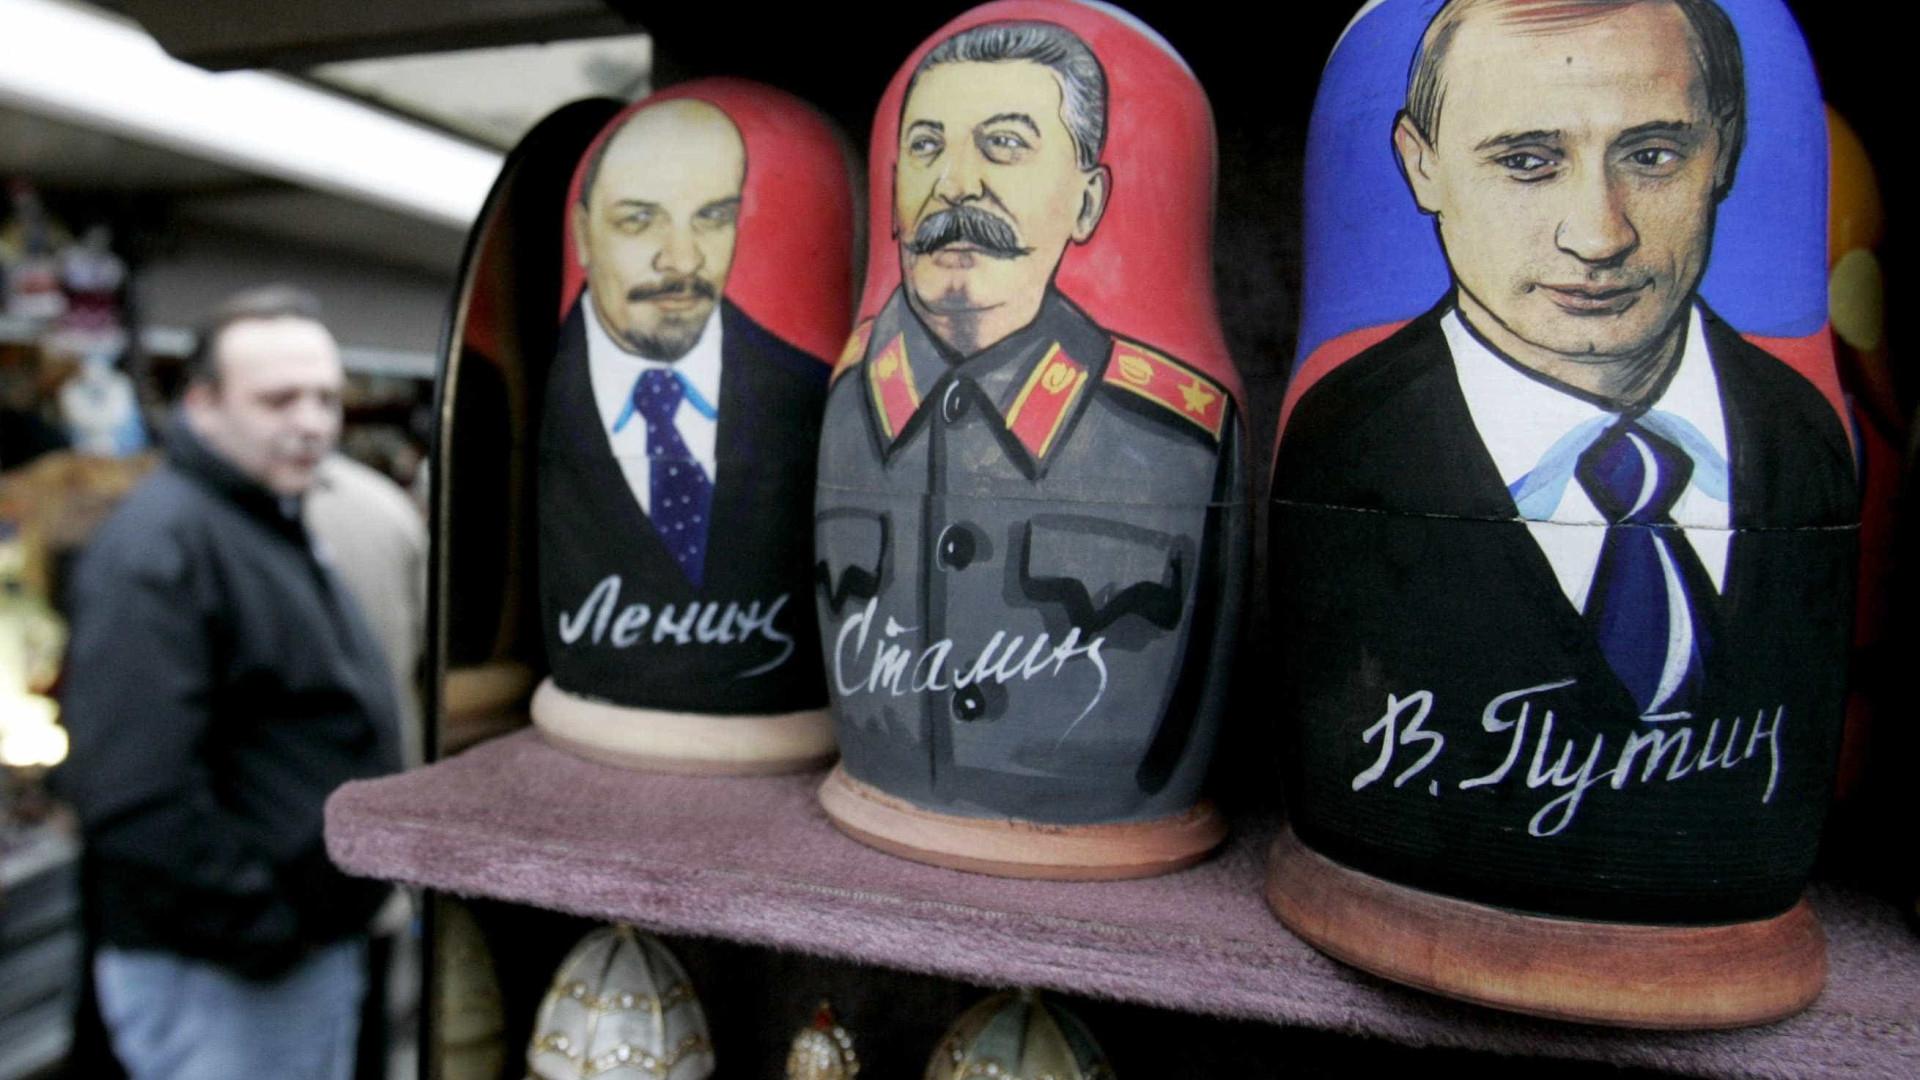 Eleições russas: A matrioska Putin vai continuar a cimentar o poder